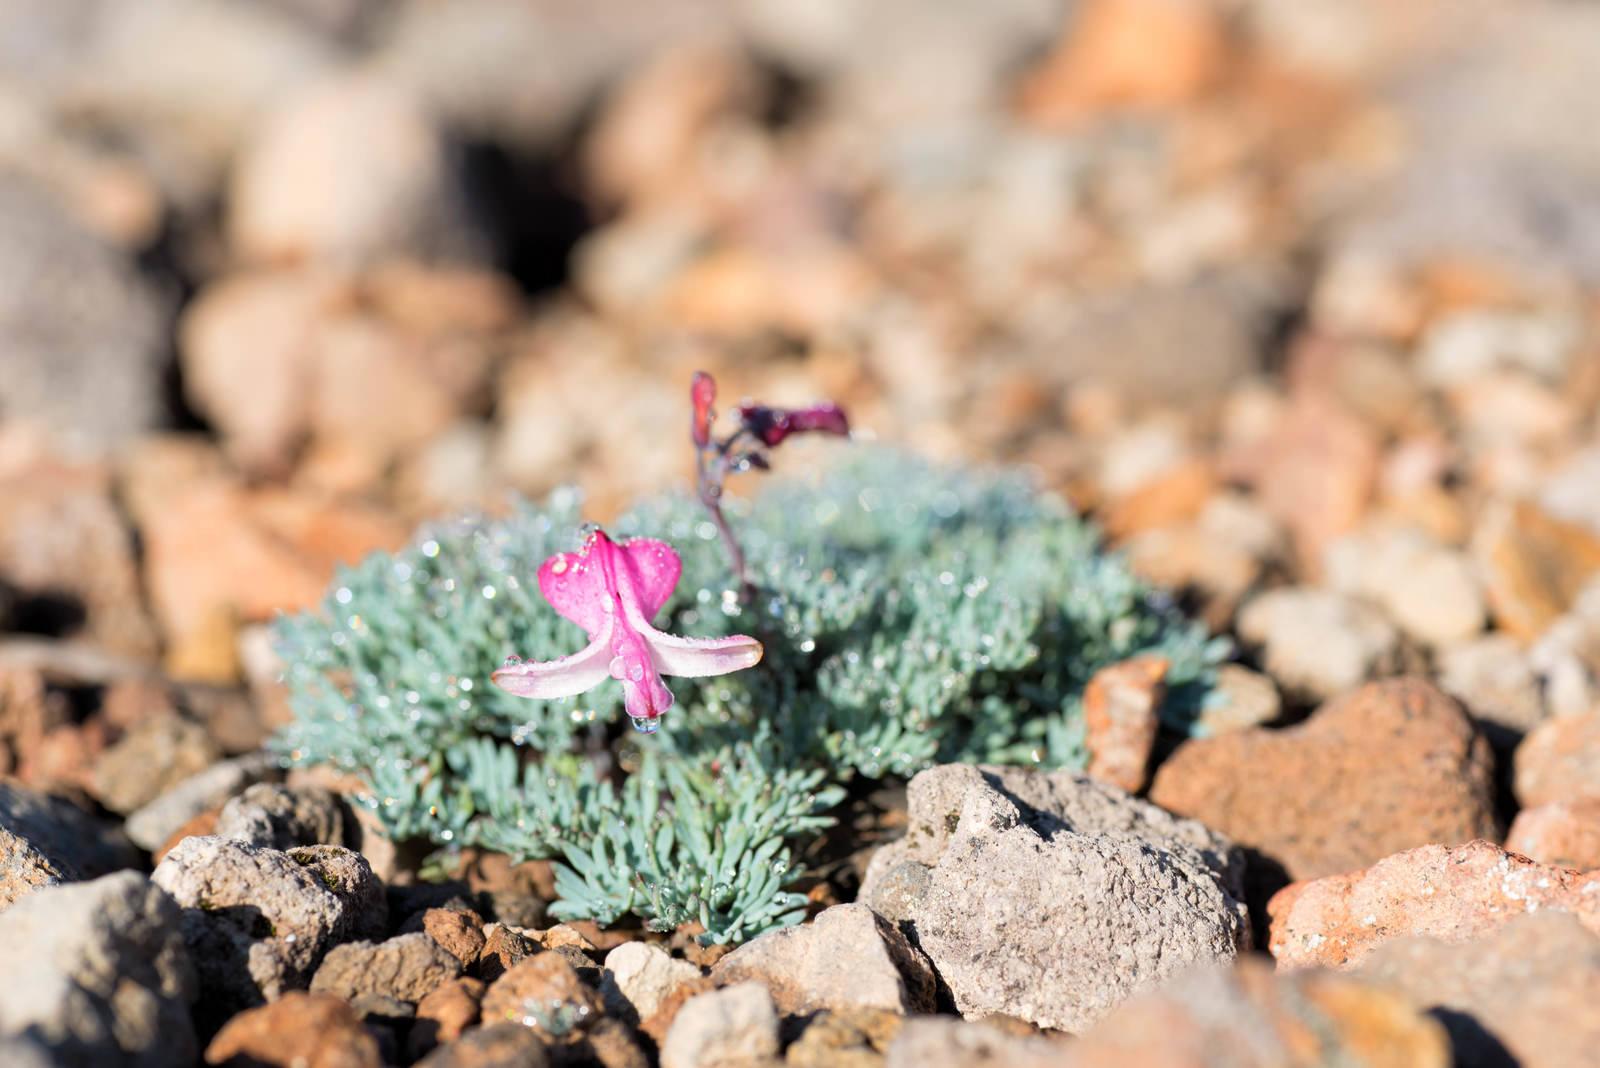 「花弁が開いたコマクサと水滴」の写真